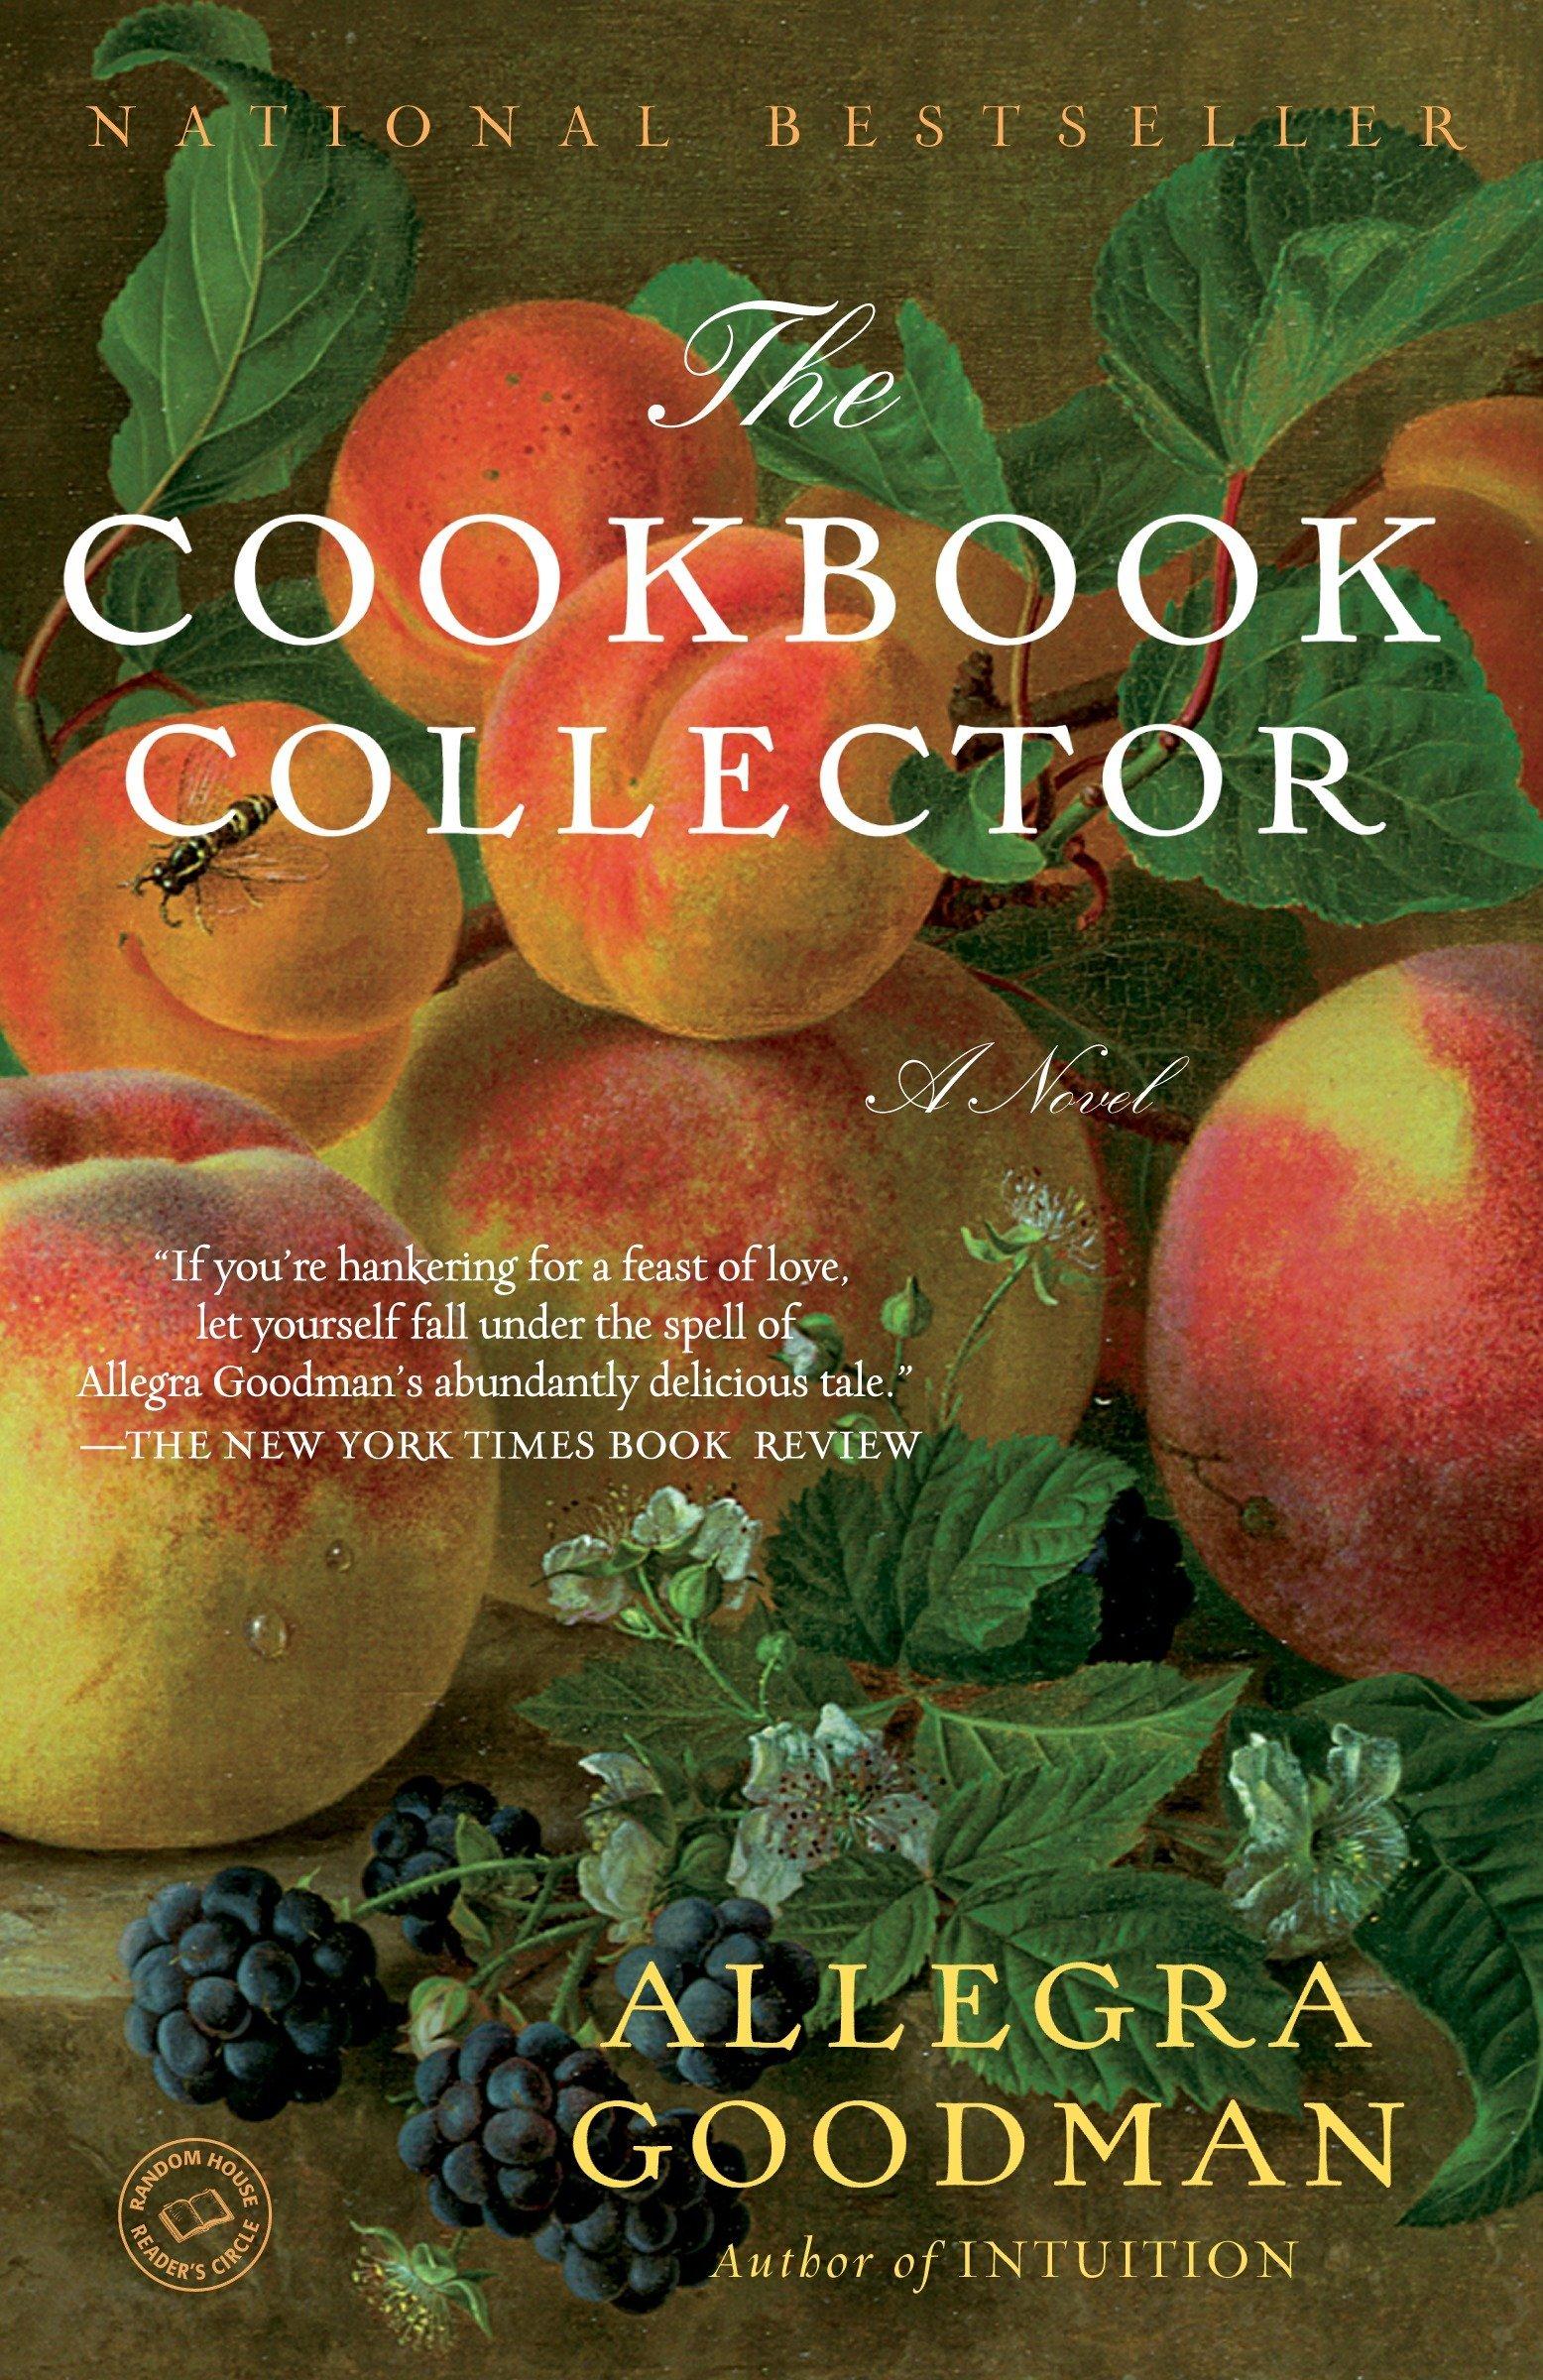 The Cookbook Collector: A Novel: Allegra Goodman: 9780385340861 ...